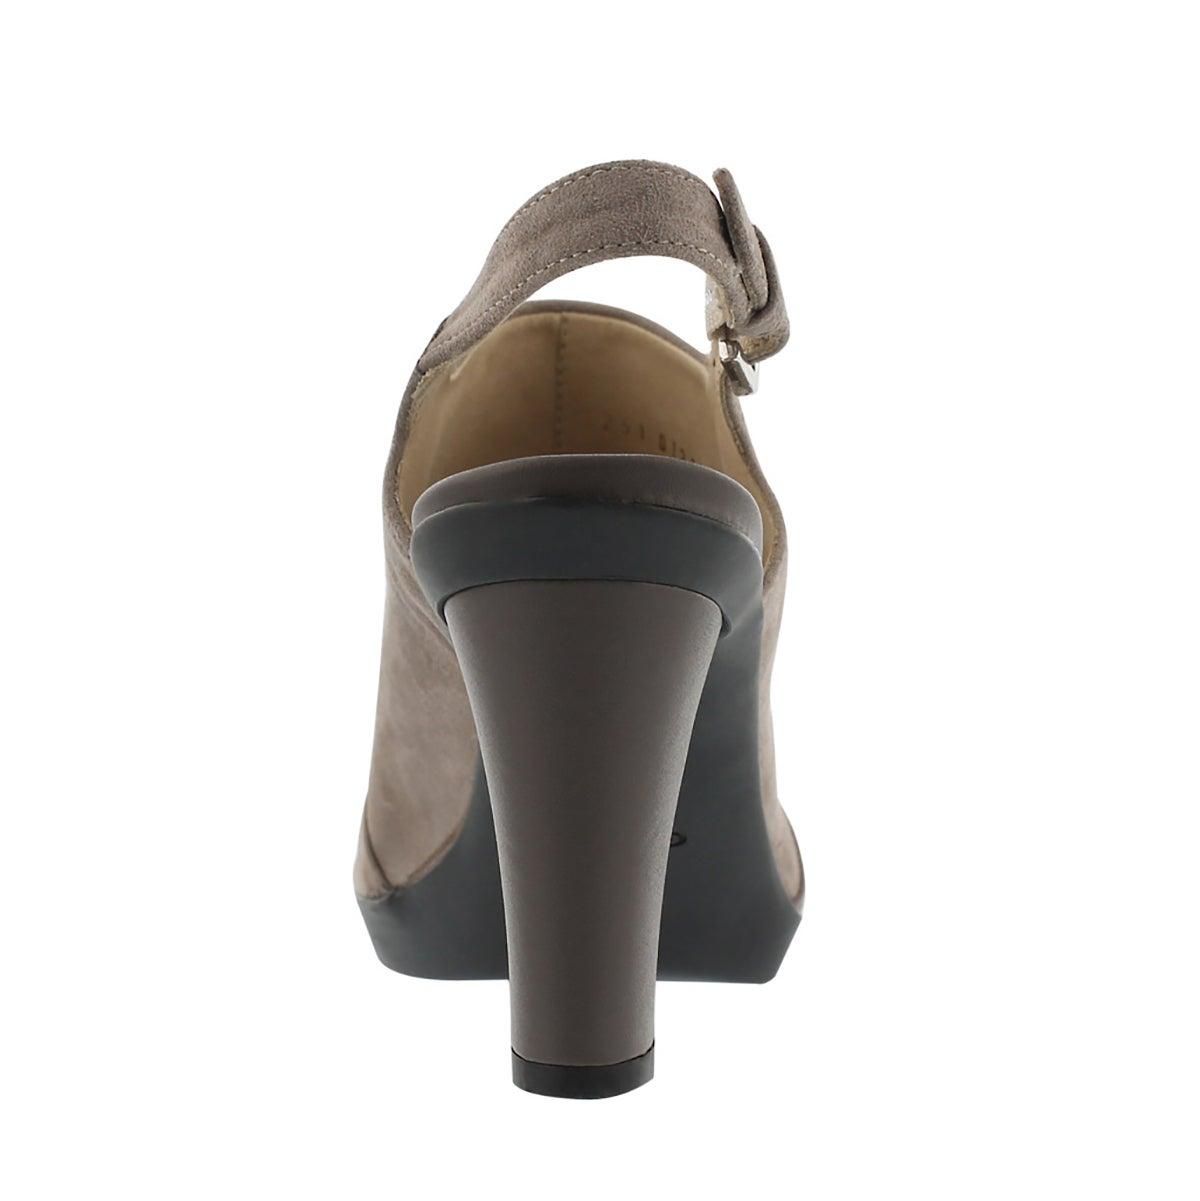 Lds Jadalis taupe dress sandal